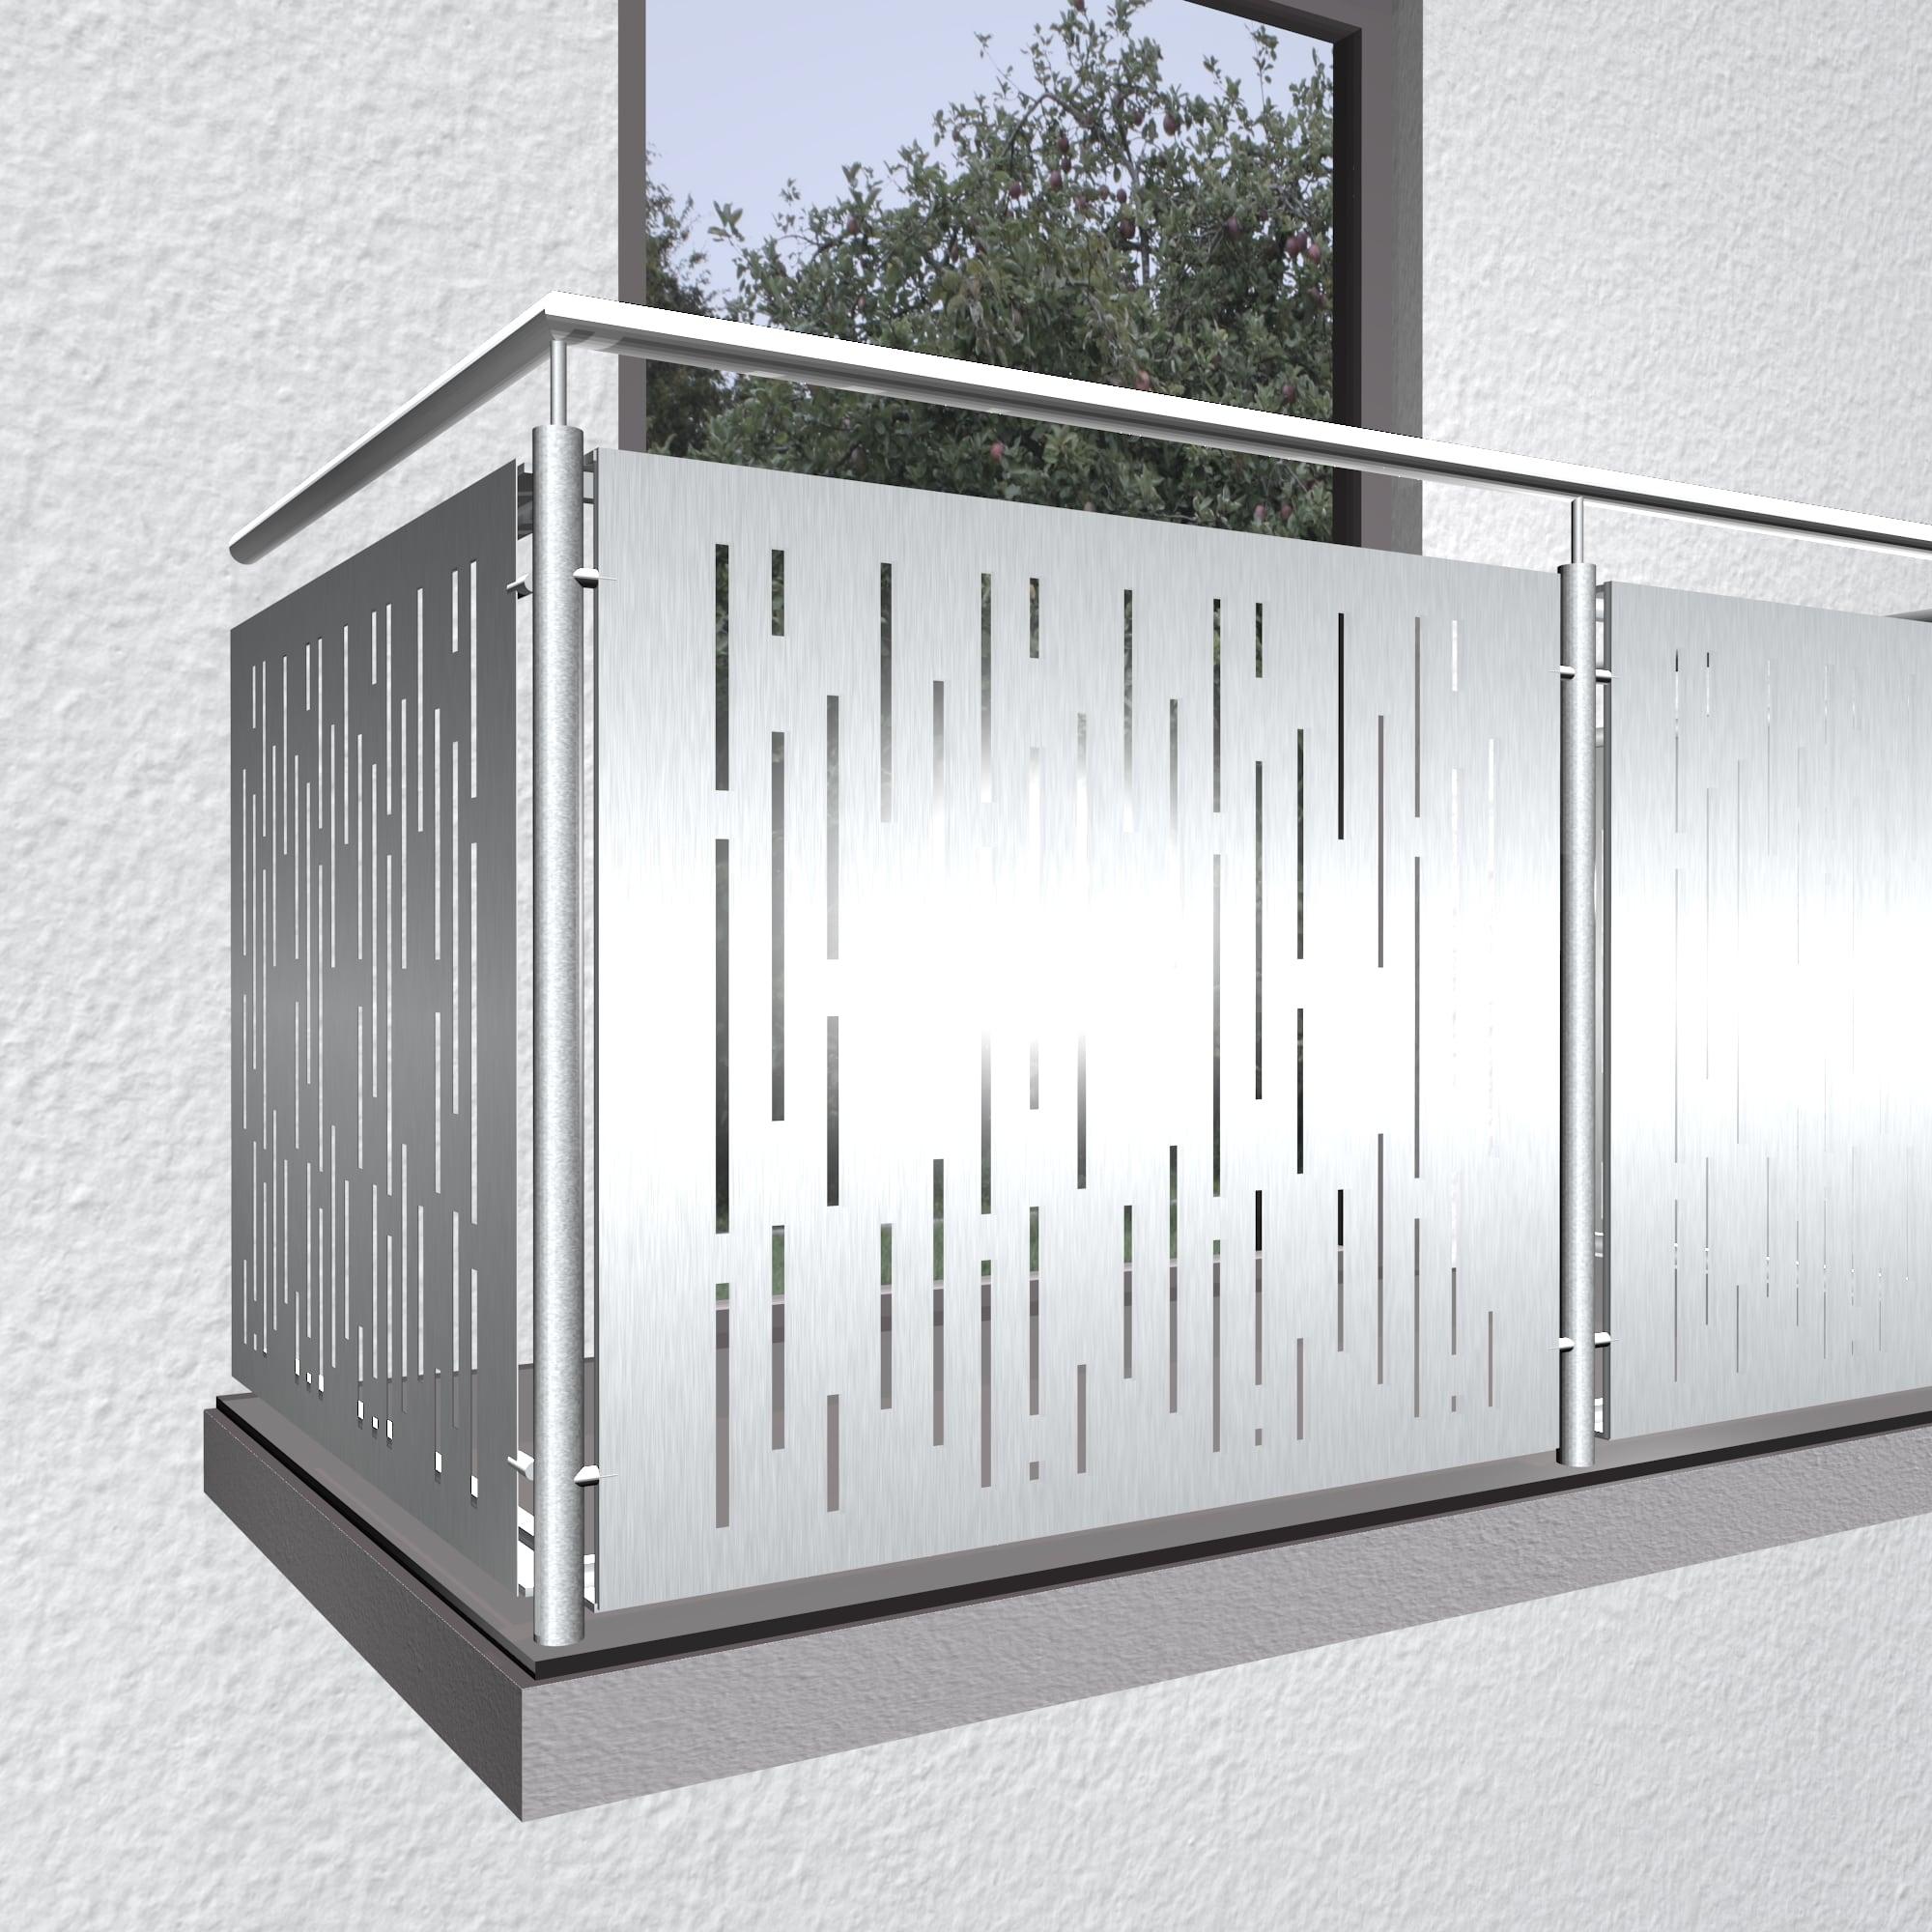 Balkonverkleidung Aluminium SF VE